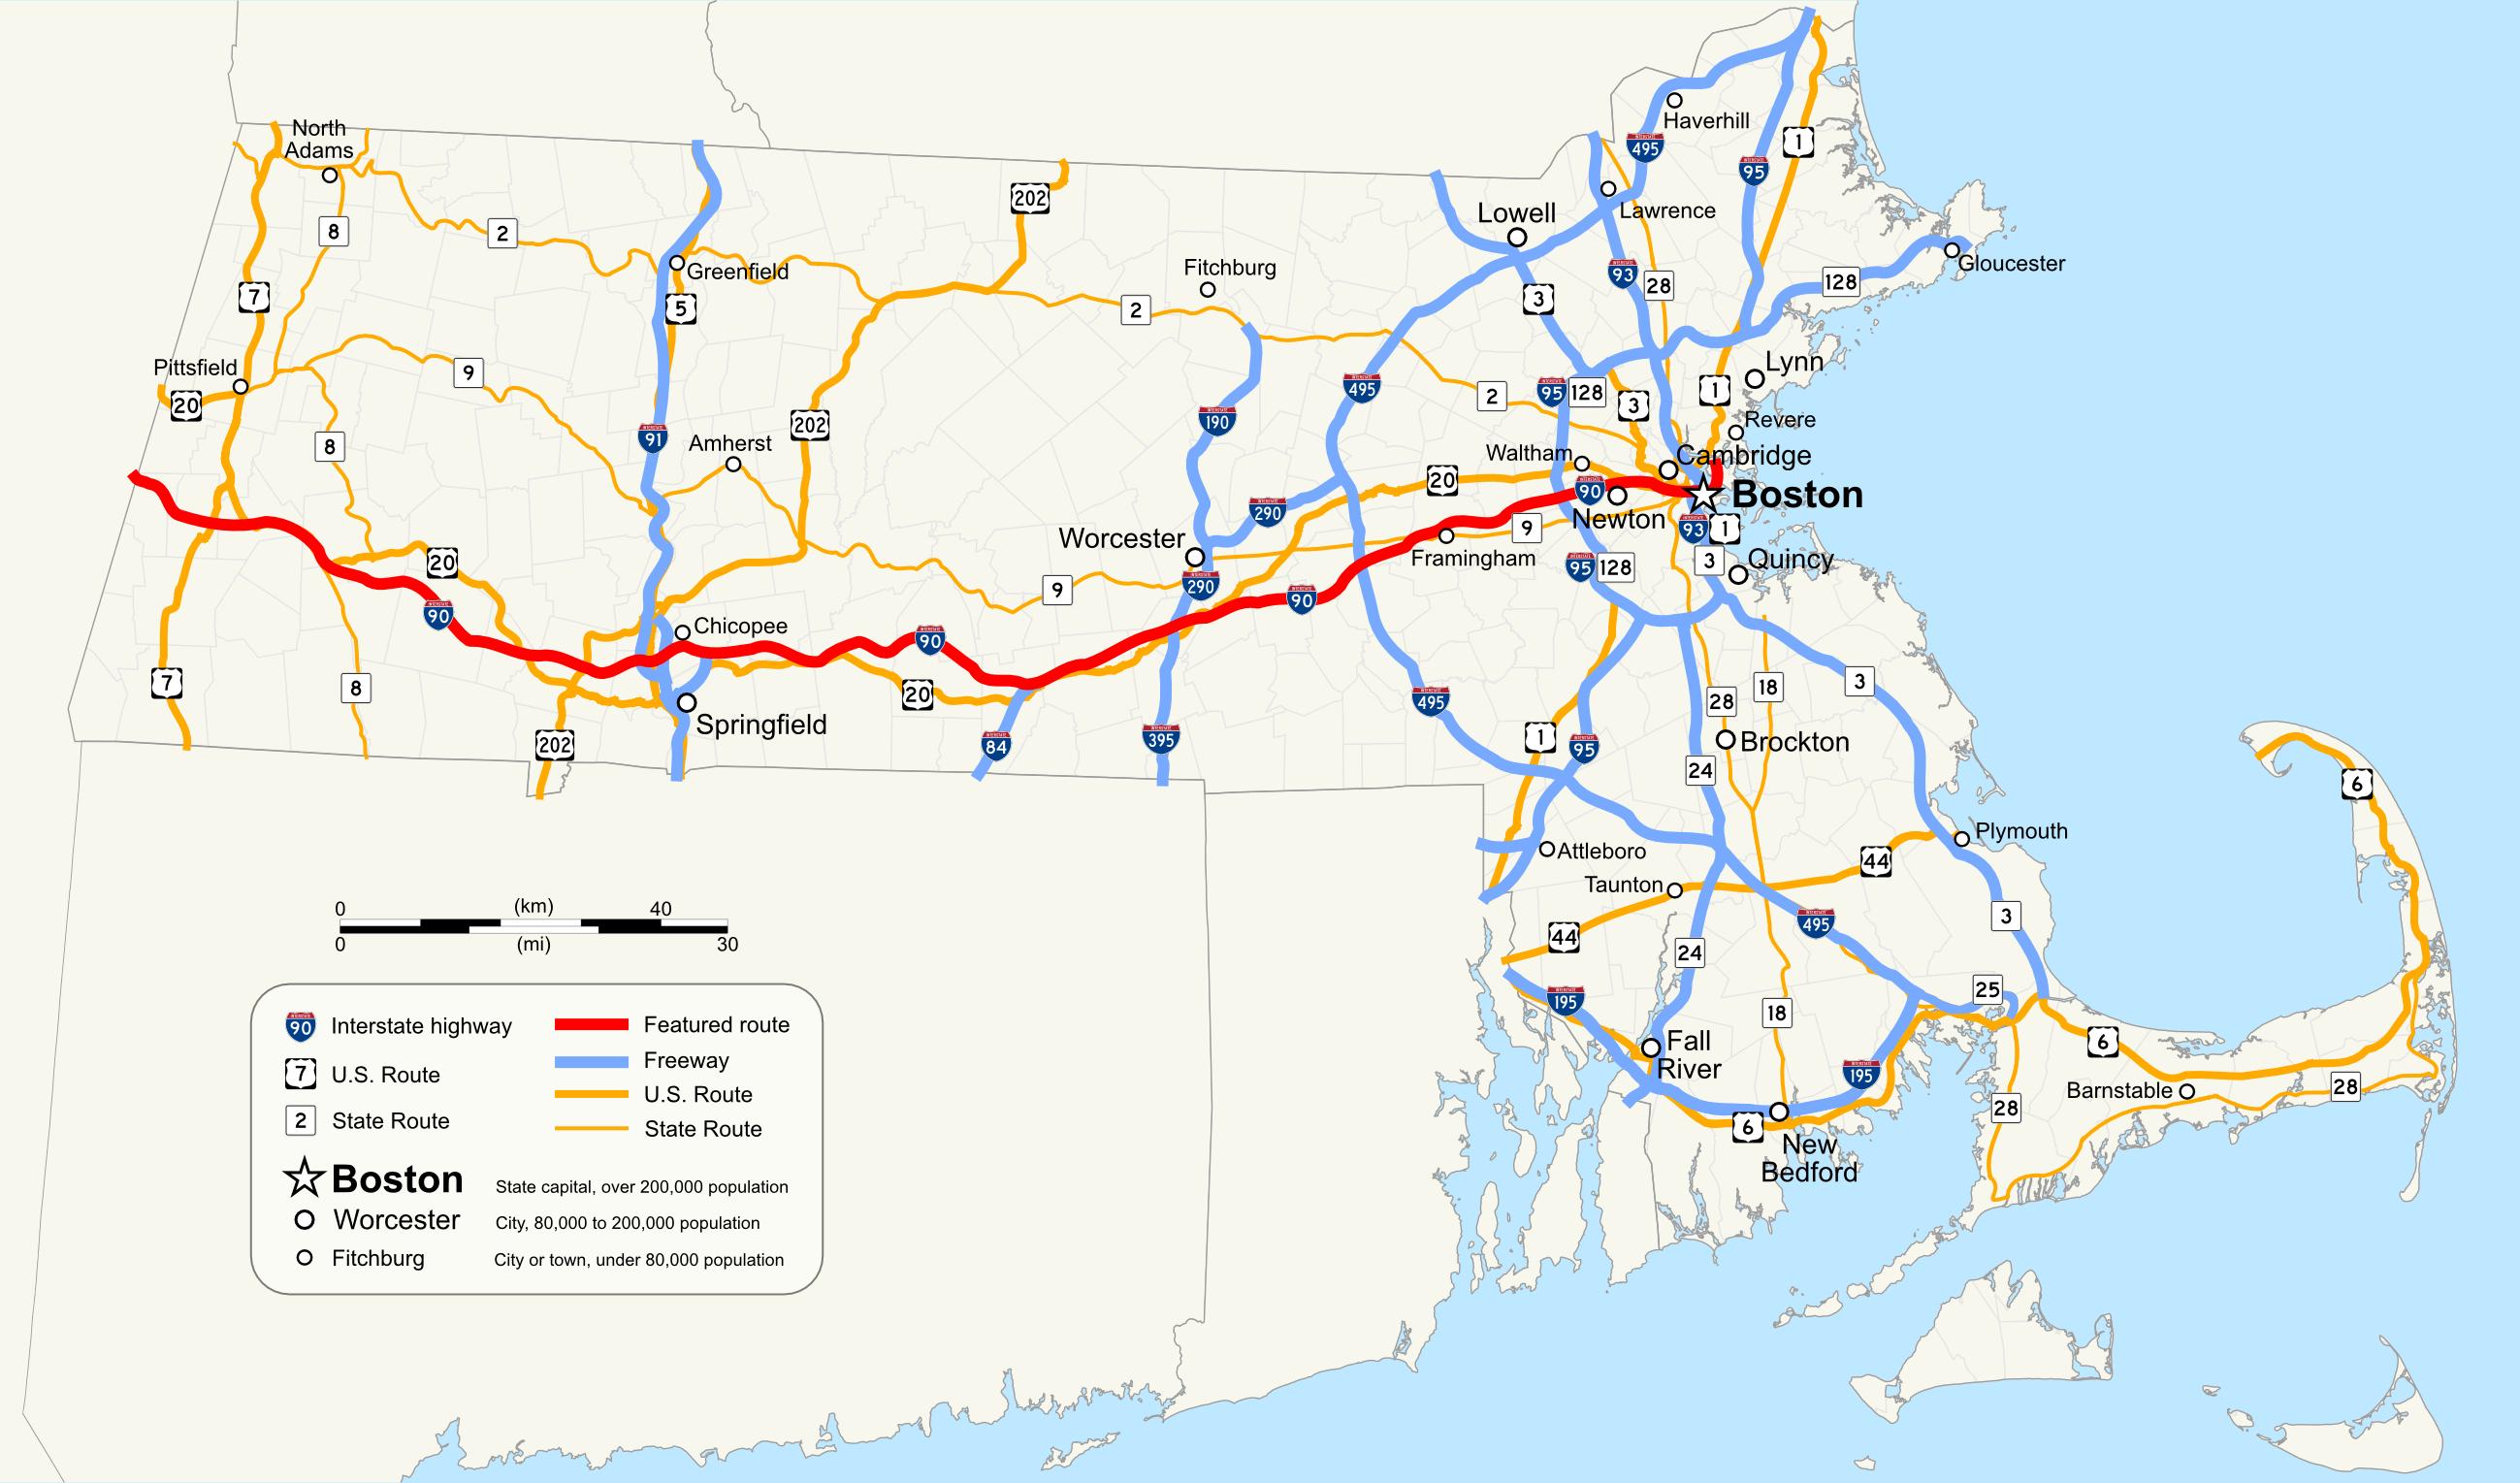 File:Massachusetts Turnpike.png - Wikimedia Commons